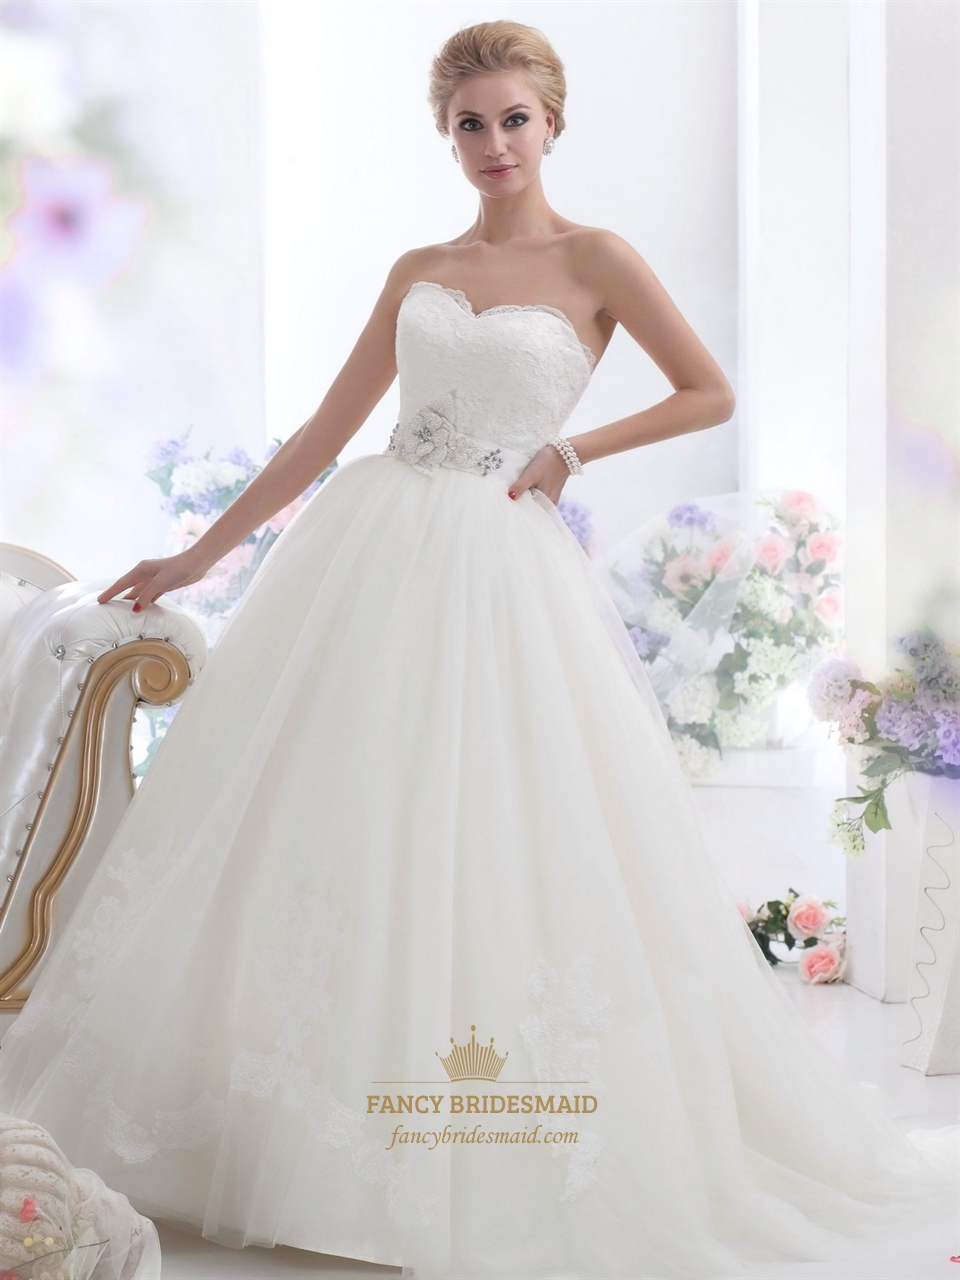 Ivory Lace Bodice Tulle Skirt Wedding Dress With Embellished Waist